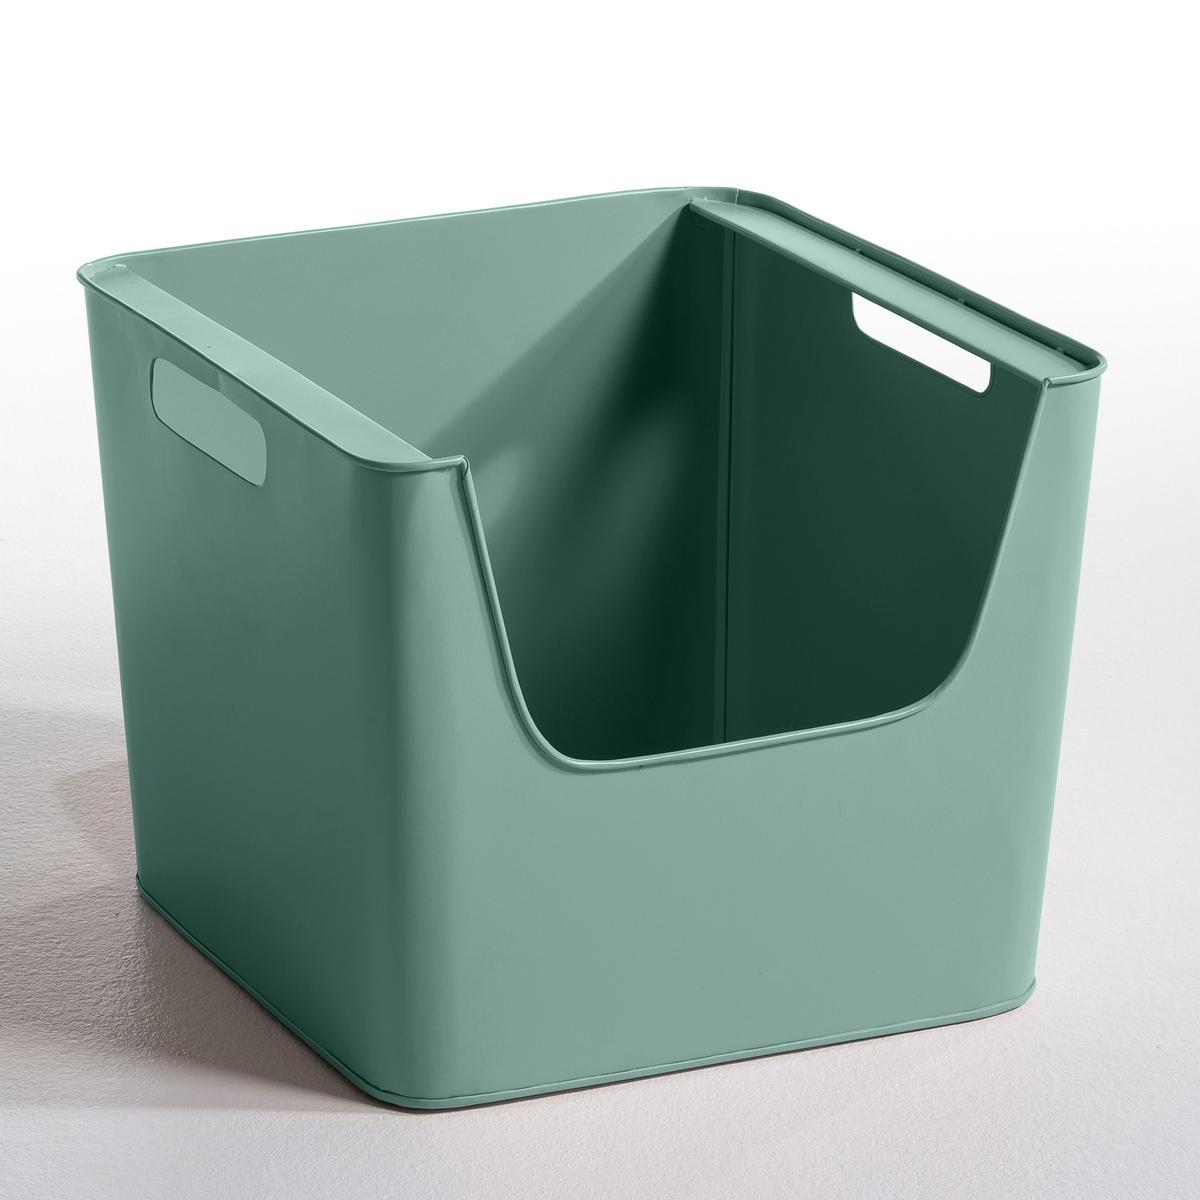 Ящик металлический Д37 x В31,5 см   ArregloНовая коллекция с закруглёнными углами в современном и одновременно в стиле ретро, простота и 7 нежных скандинавских расцветок ! Ящик большой из оцинкованного металла или покрыт эпоксидной краской с матовым эффектом. Рельефный штамп AM.PM.Характеристики ящика :- Ставятся один на другой.- Прорези по бокам для удобства переноски.Размеры  :-Д.37 x В.31,5 x гл.37 см..<br><br>Цвет: горчичный,малиновый,серо-зеленый,серый,телесный матовый<br>Размер: единый размер